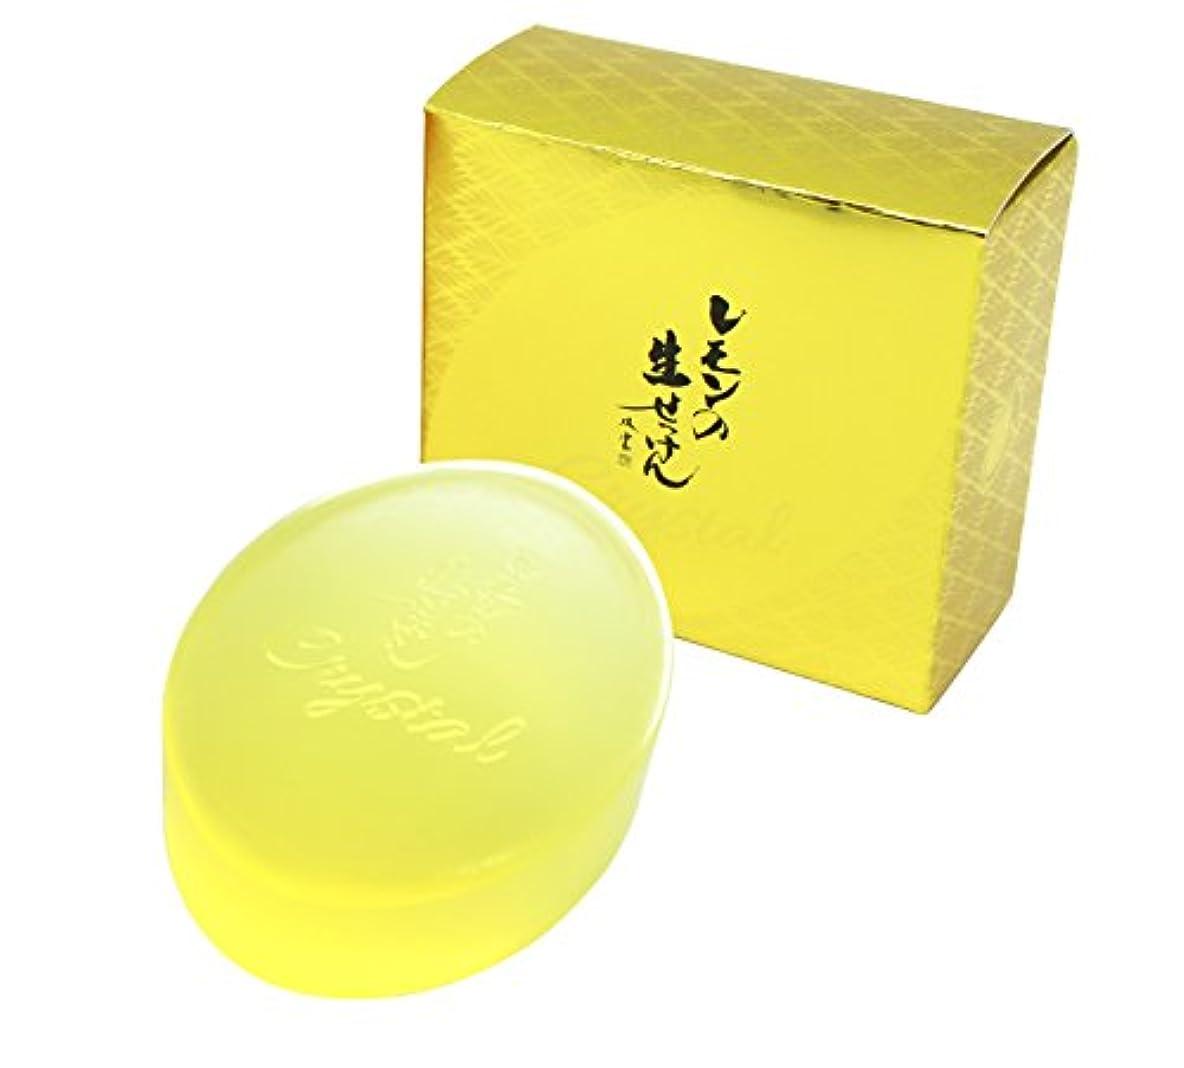 船乗り収まる悪質な美香柑 レモンの生せっけん 洗顔石けん 固形タイプ(枠練り) 90g